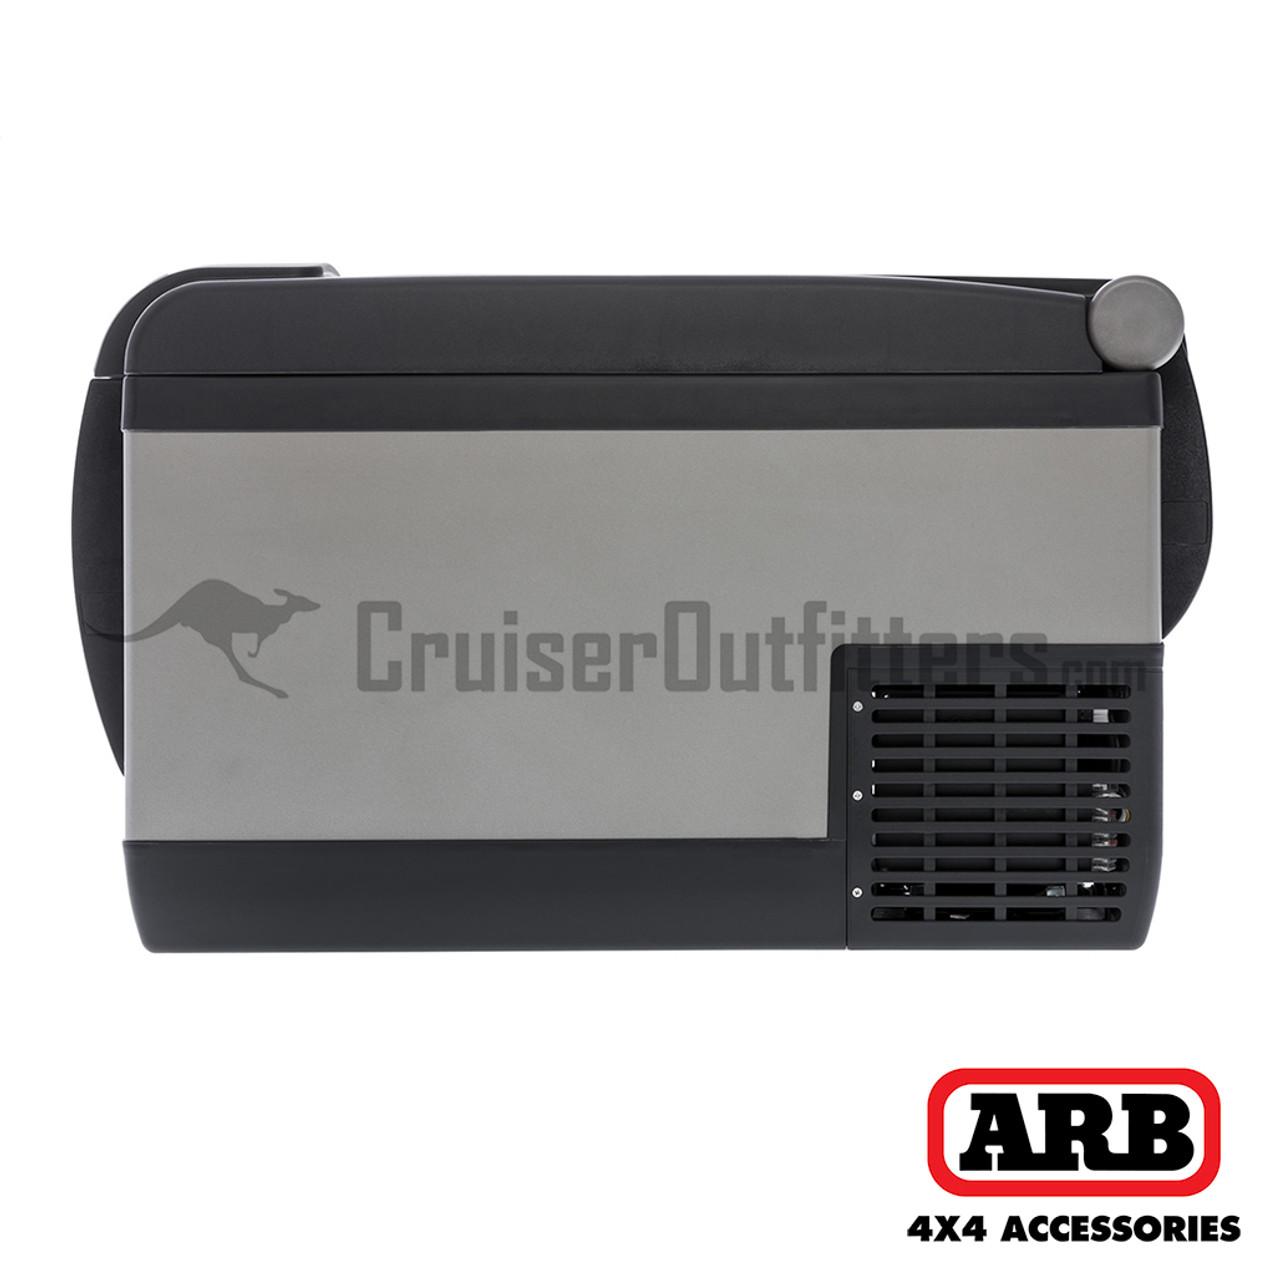 ARB Classic Series II Fridge Freezer - 50QT (ARB10801472)